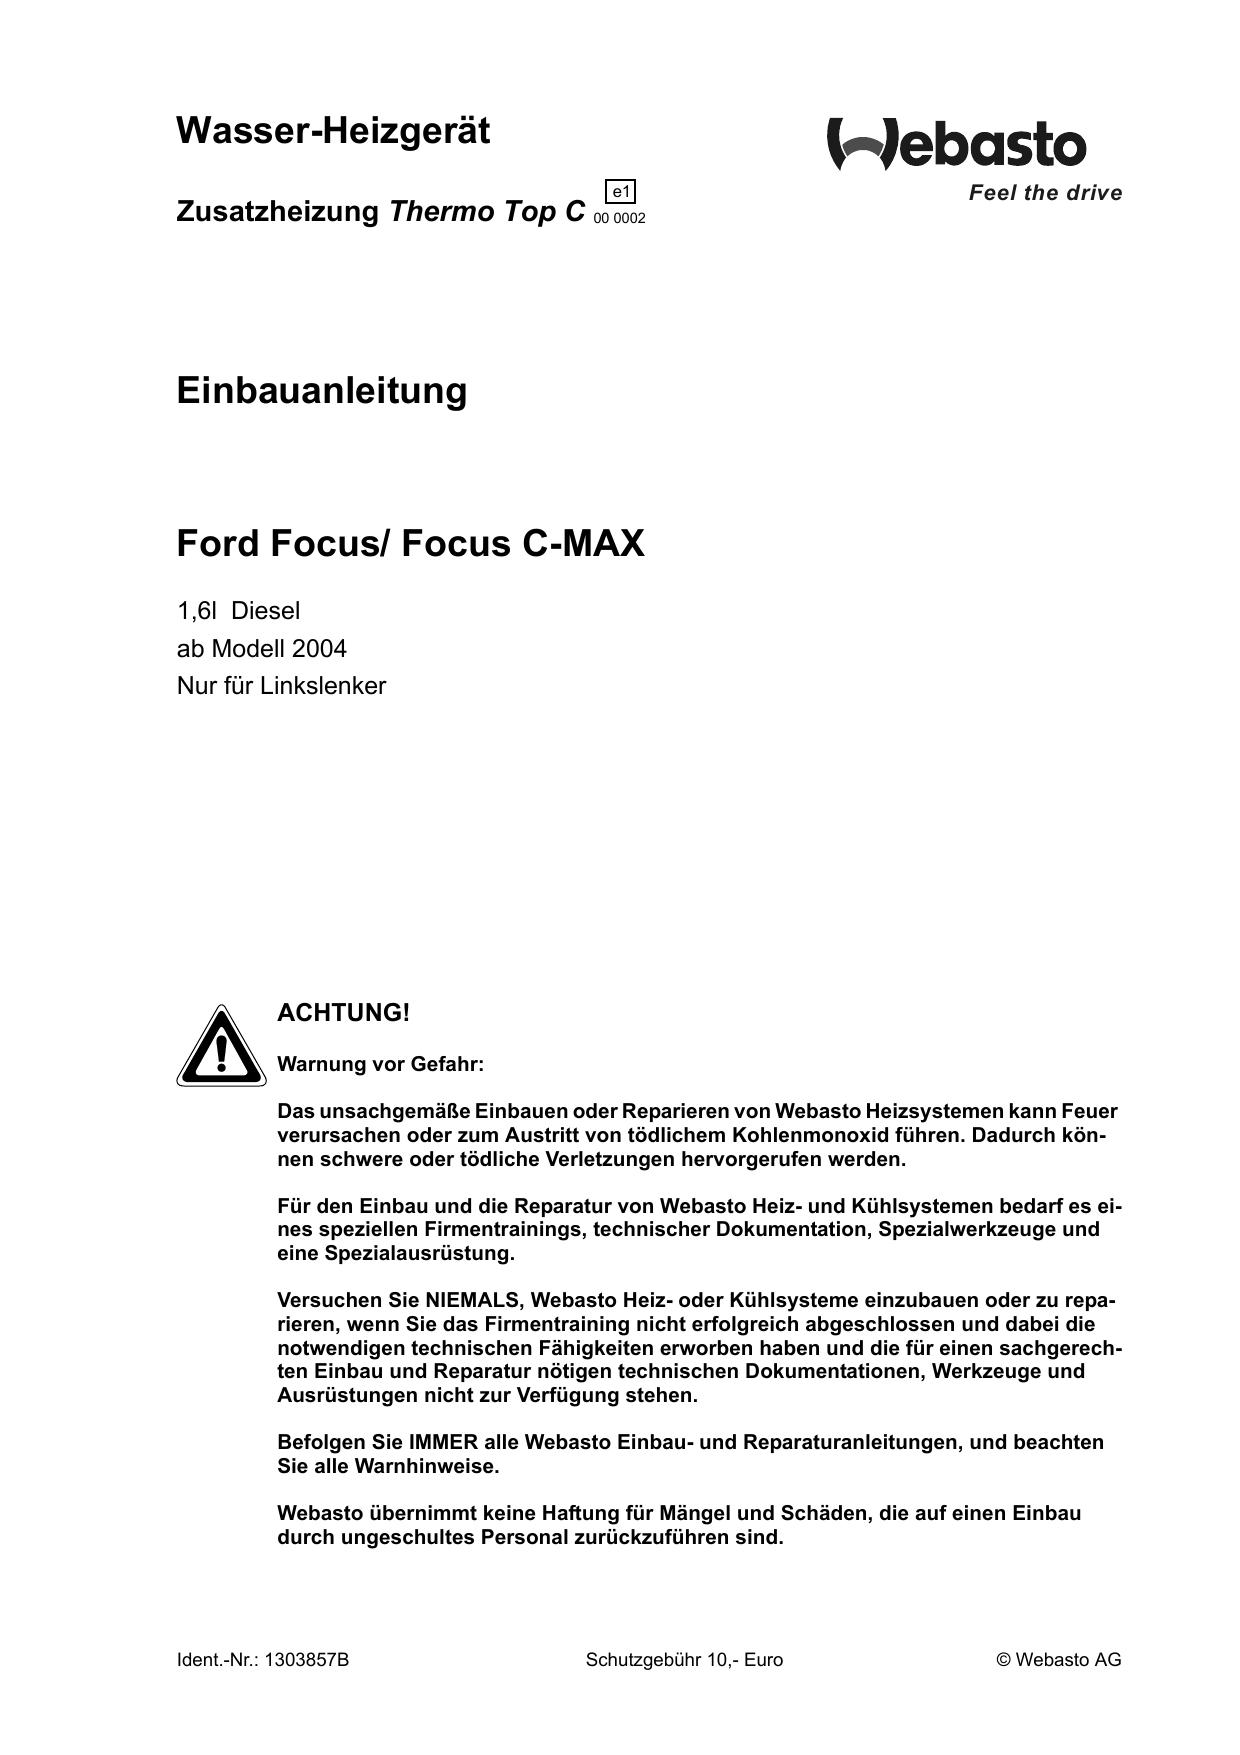 Großzügig 2001 Ford Focus Schaltplan Bilder - Elektrische Schaltplan ...